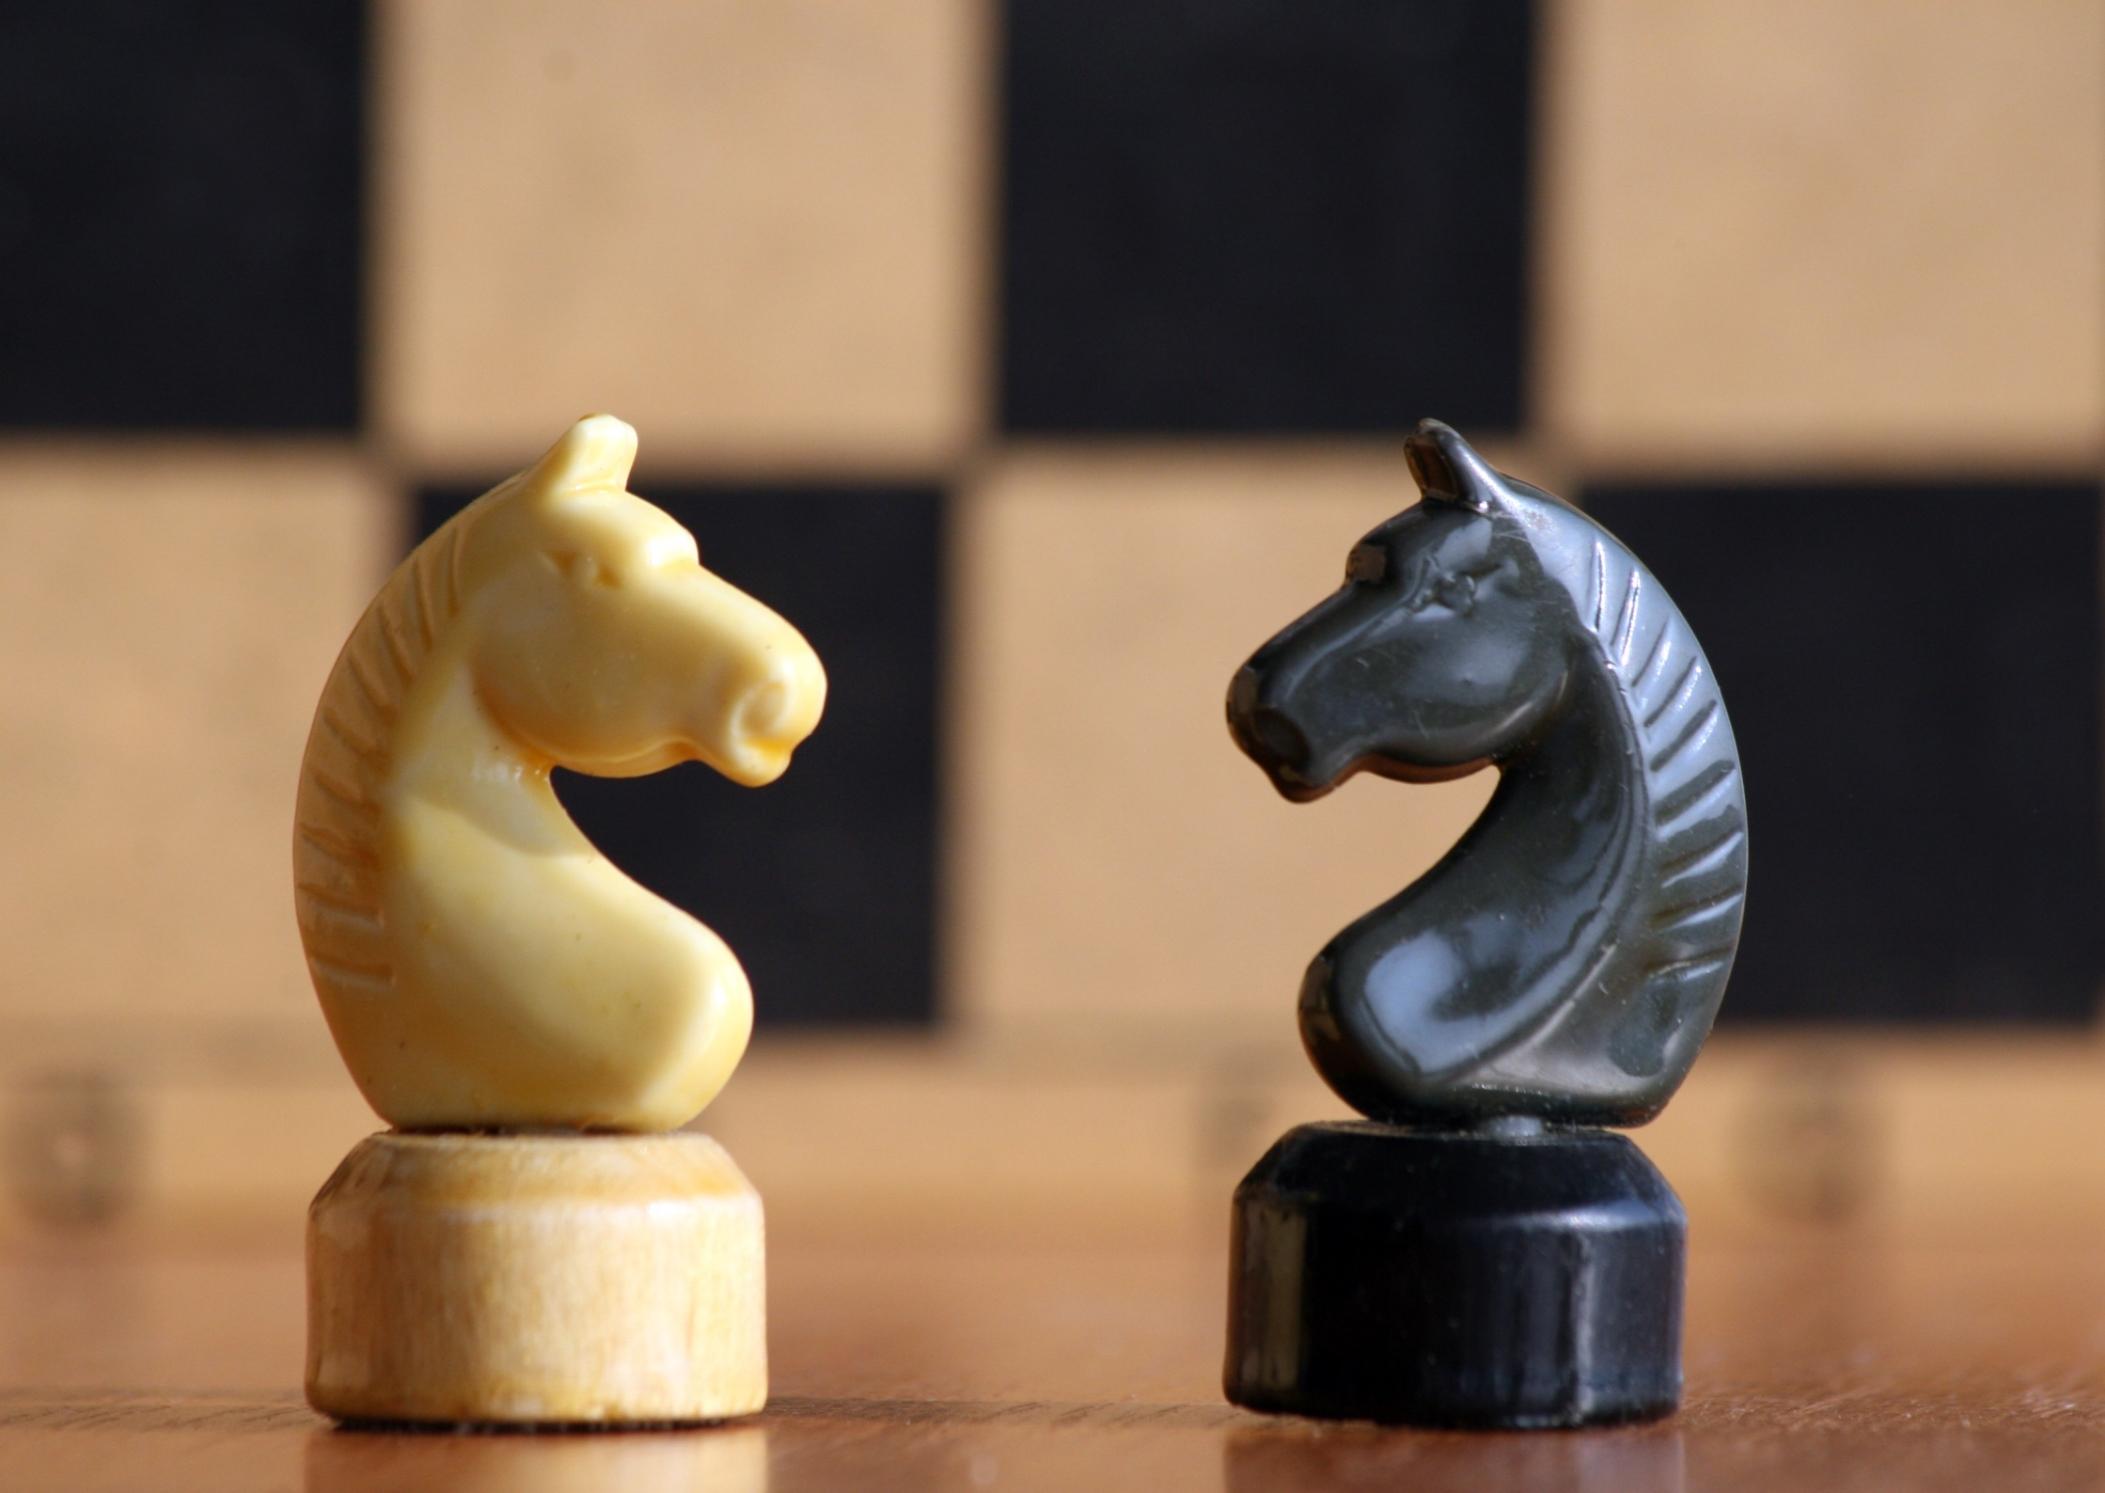 Šachy jsou podle exmistra světa Bobbyho Fischera válkou na hrací desce, při níž jde o to rozdrtit konkurentovo myšlení i ego